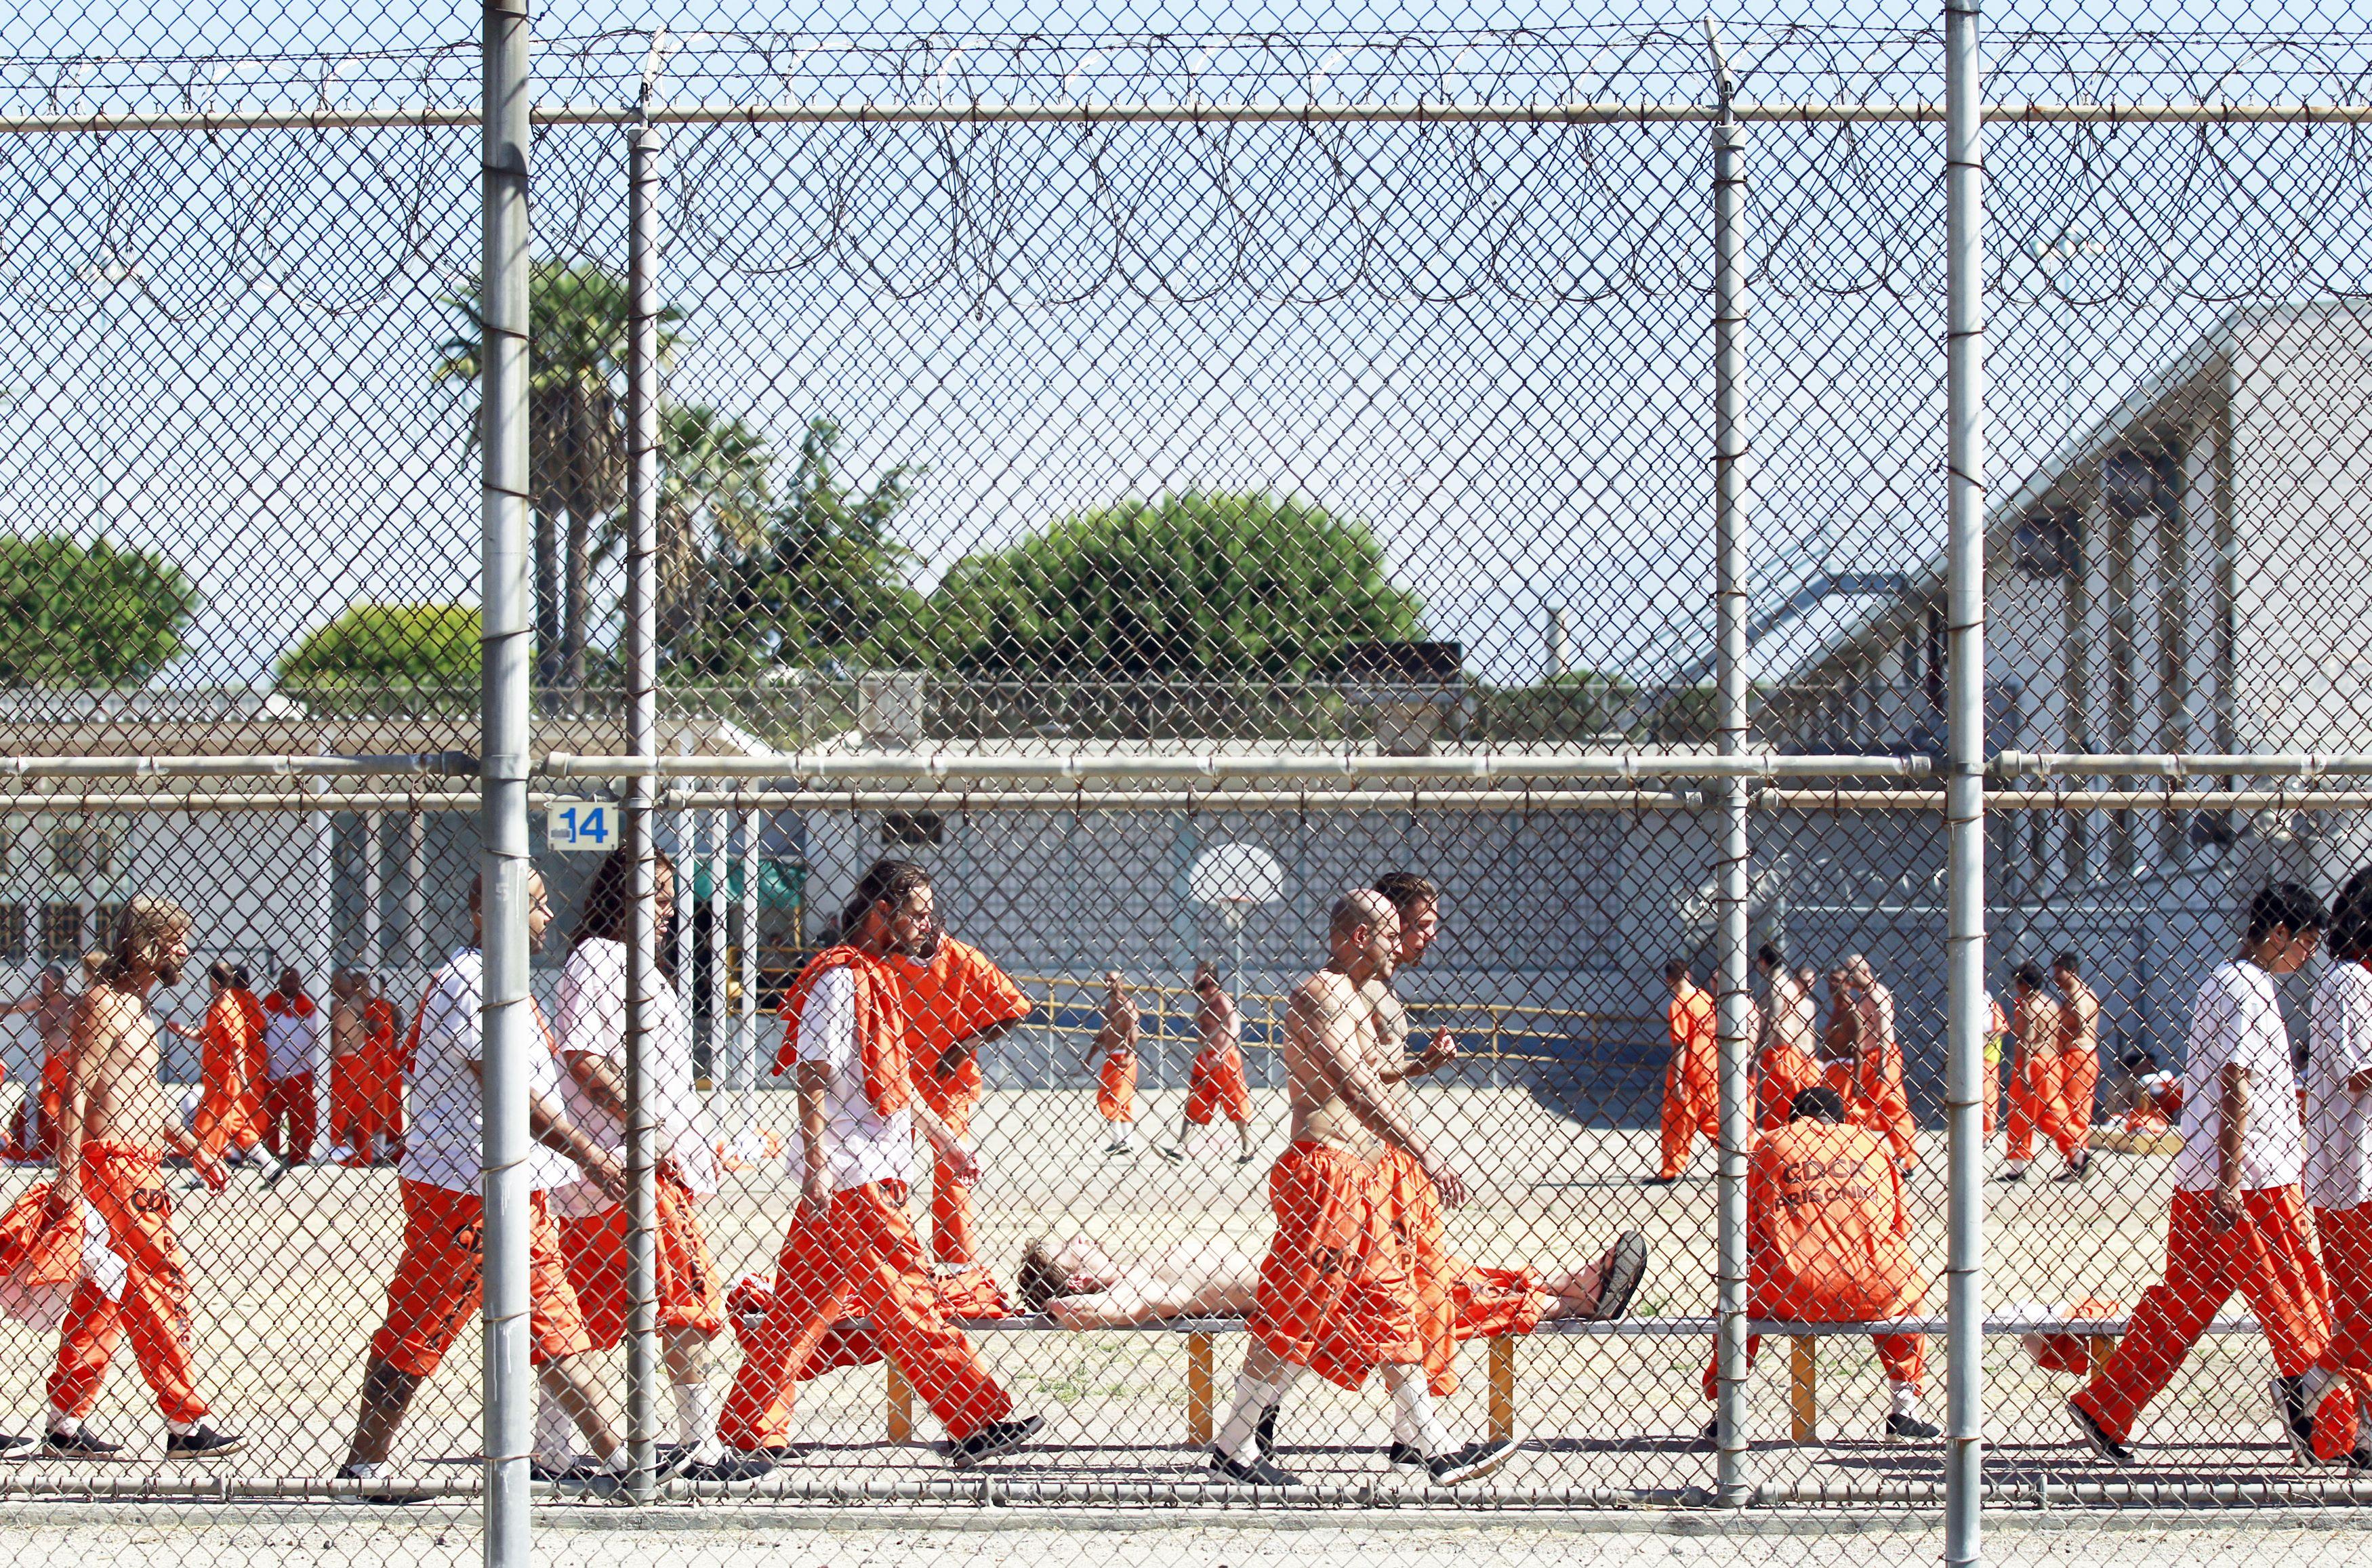 Prison Yard Prison Inmates Prison Federal Prison